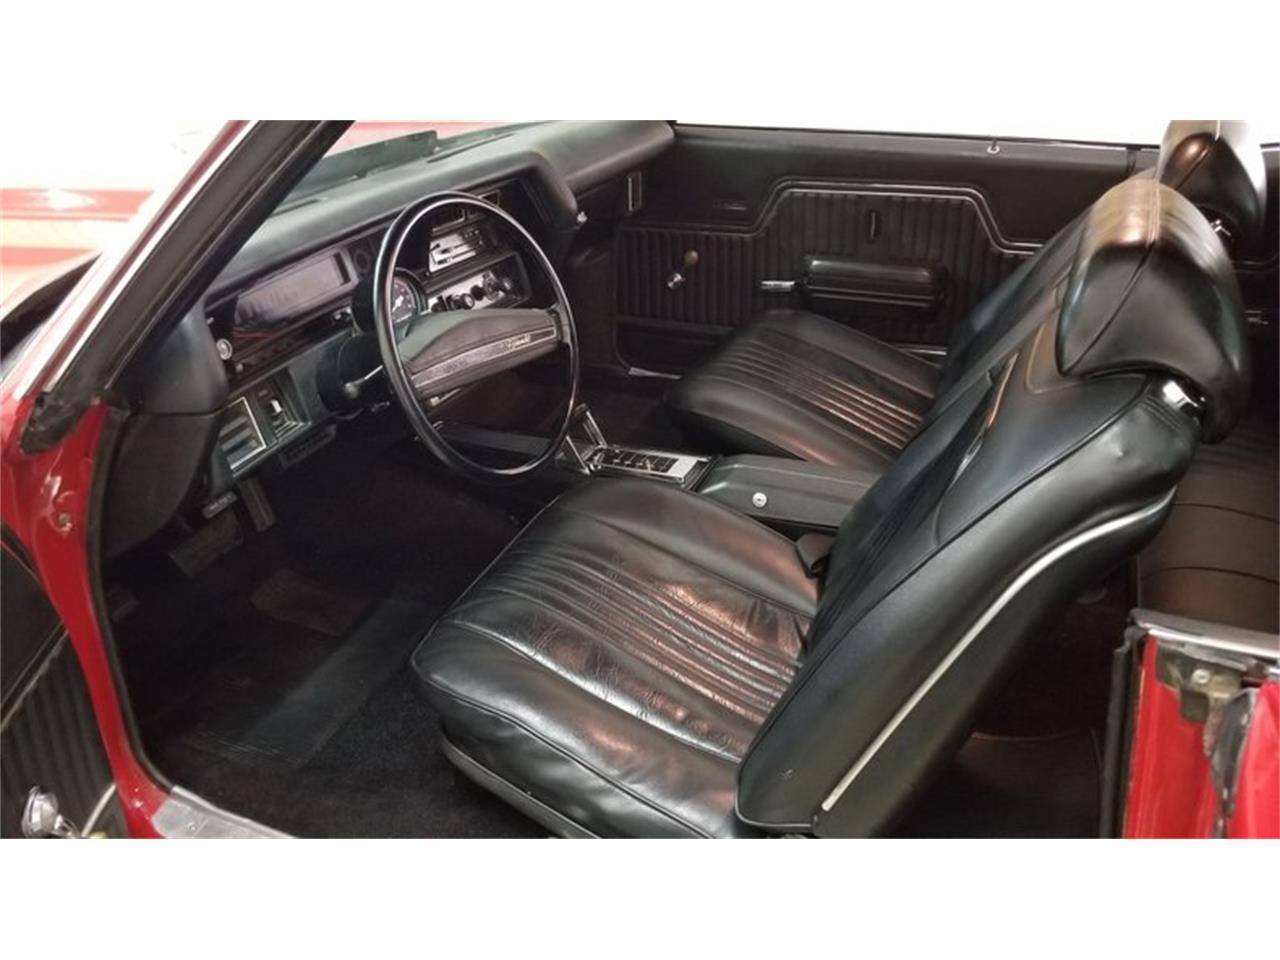 1972 Chevrolet Chevelle (CC-1263105) for sale in Mankato, Minnesota